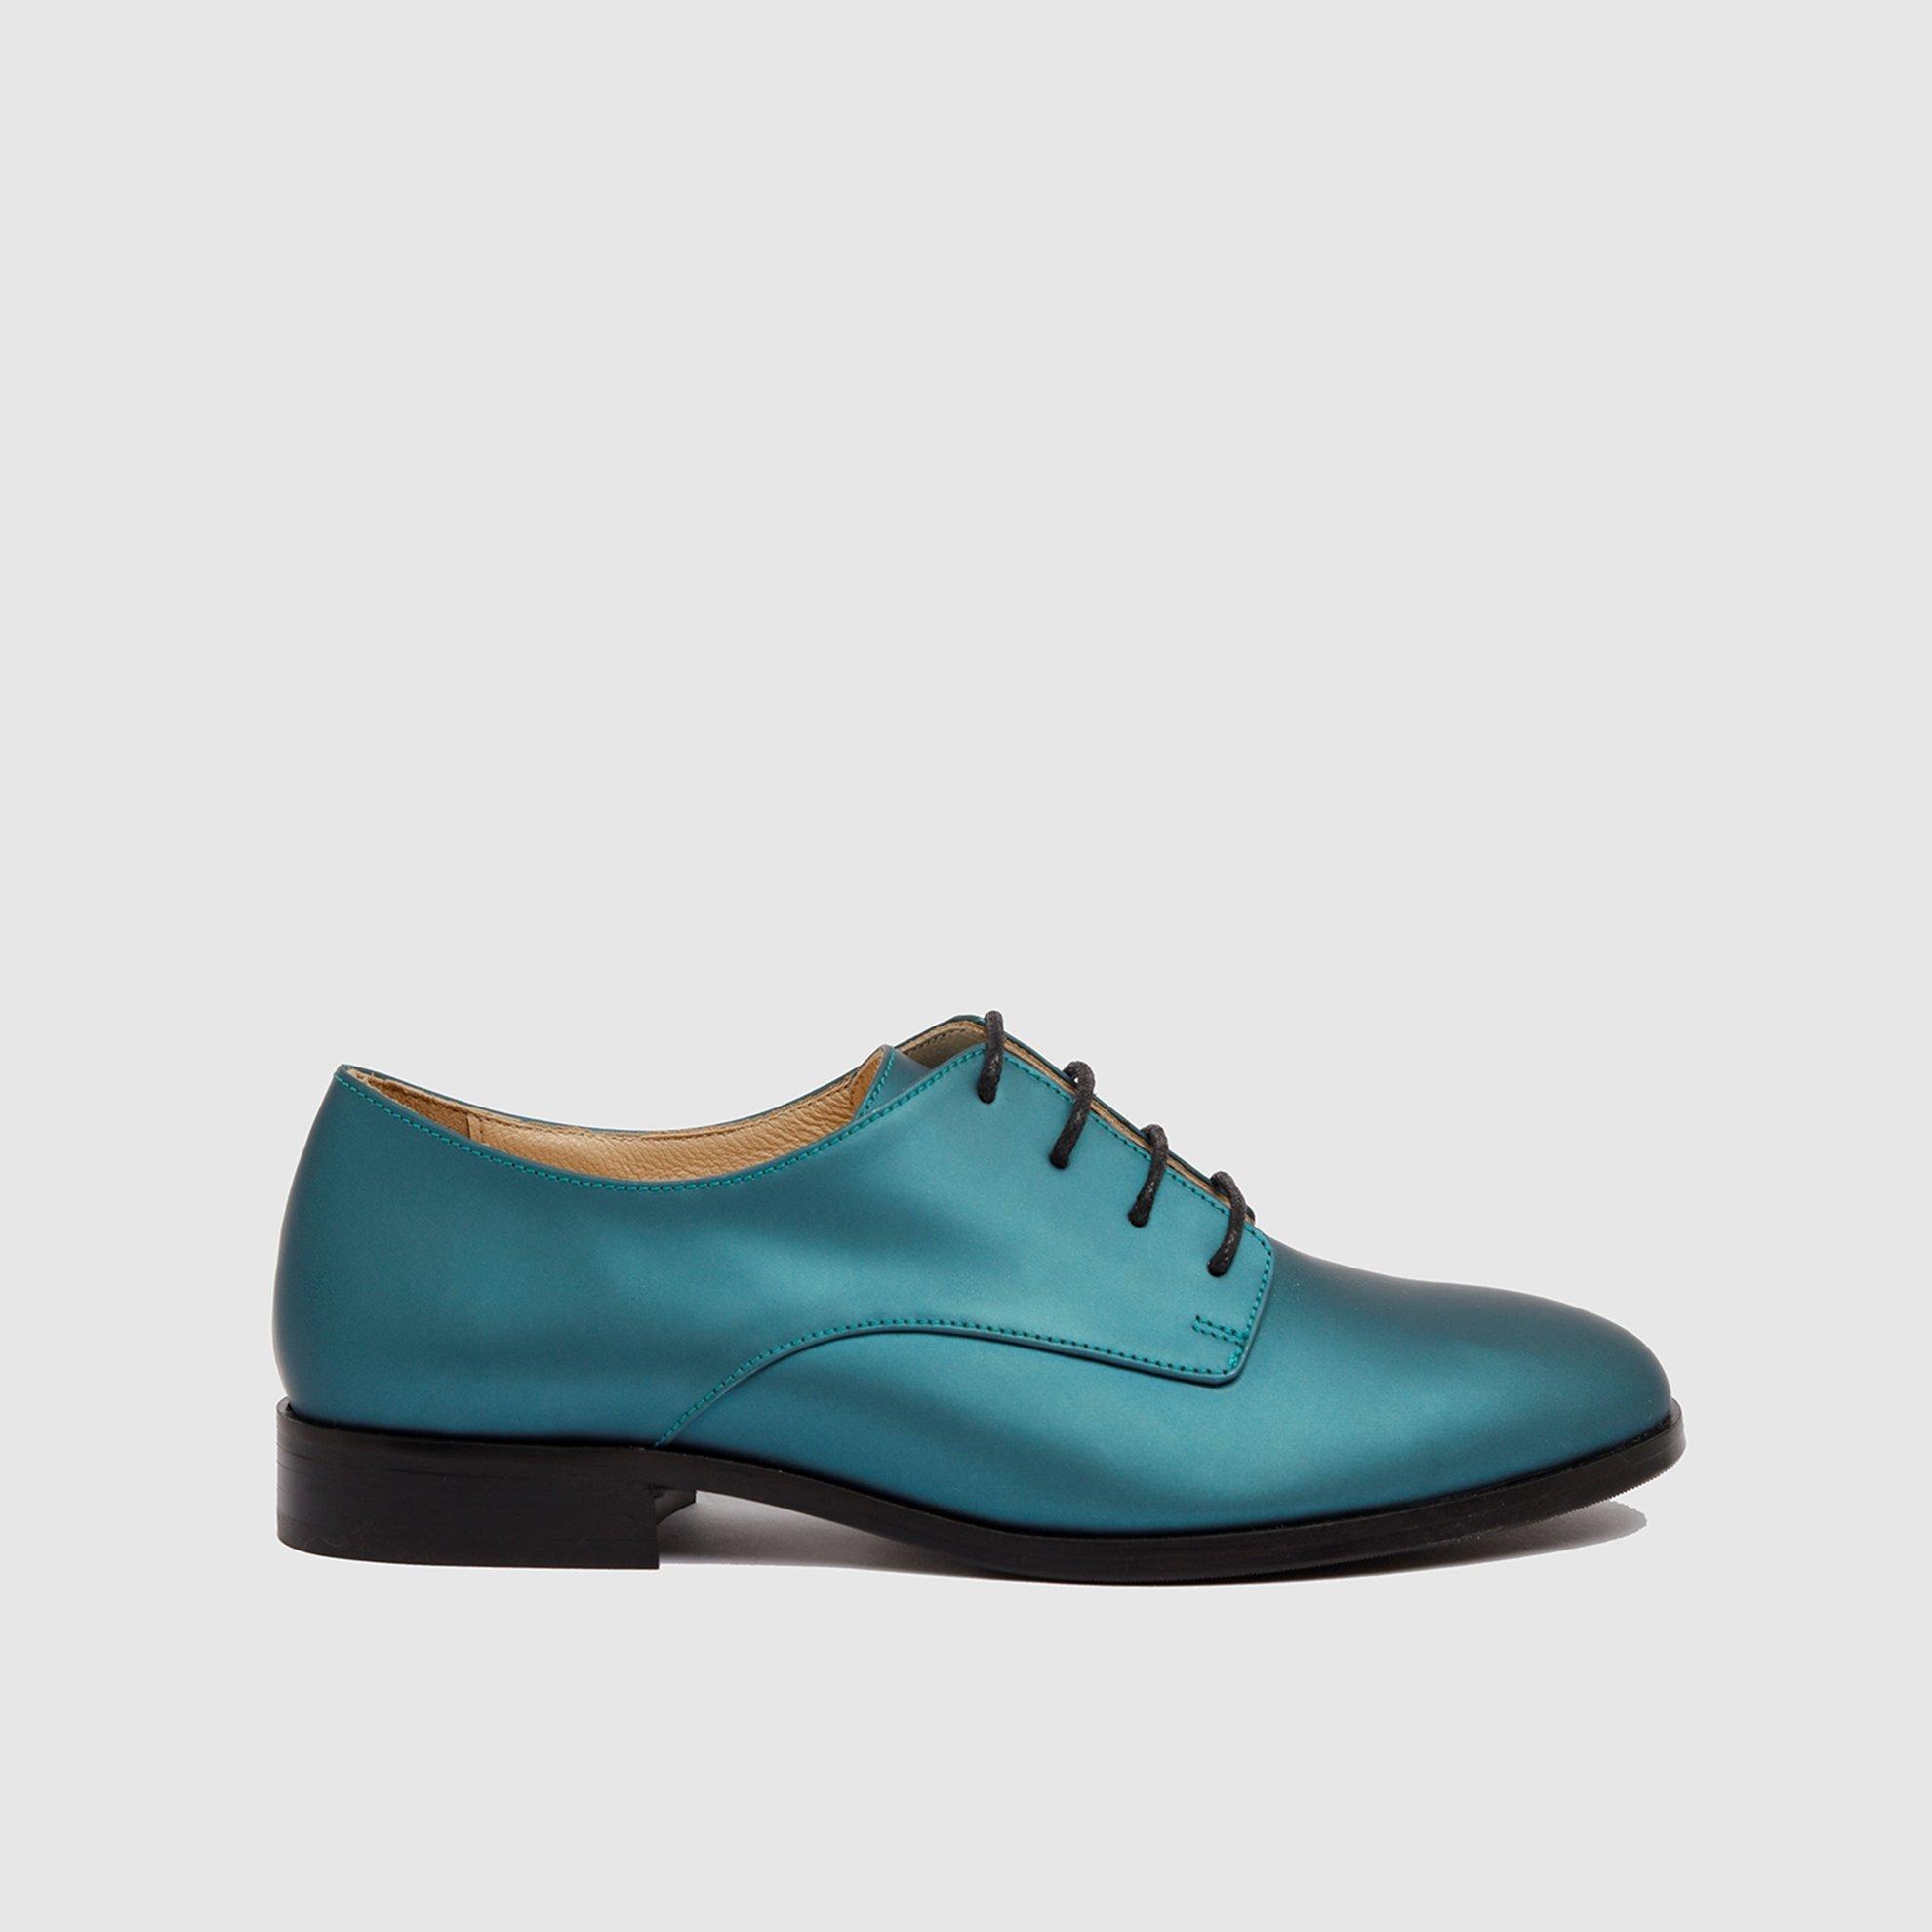 resm Deri Ayakkabı